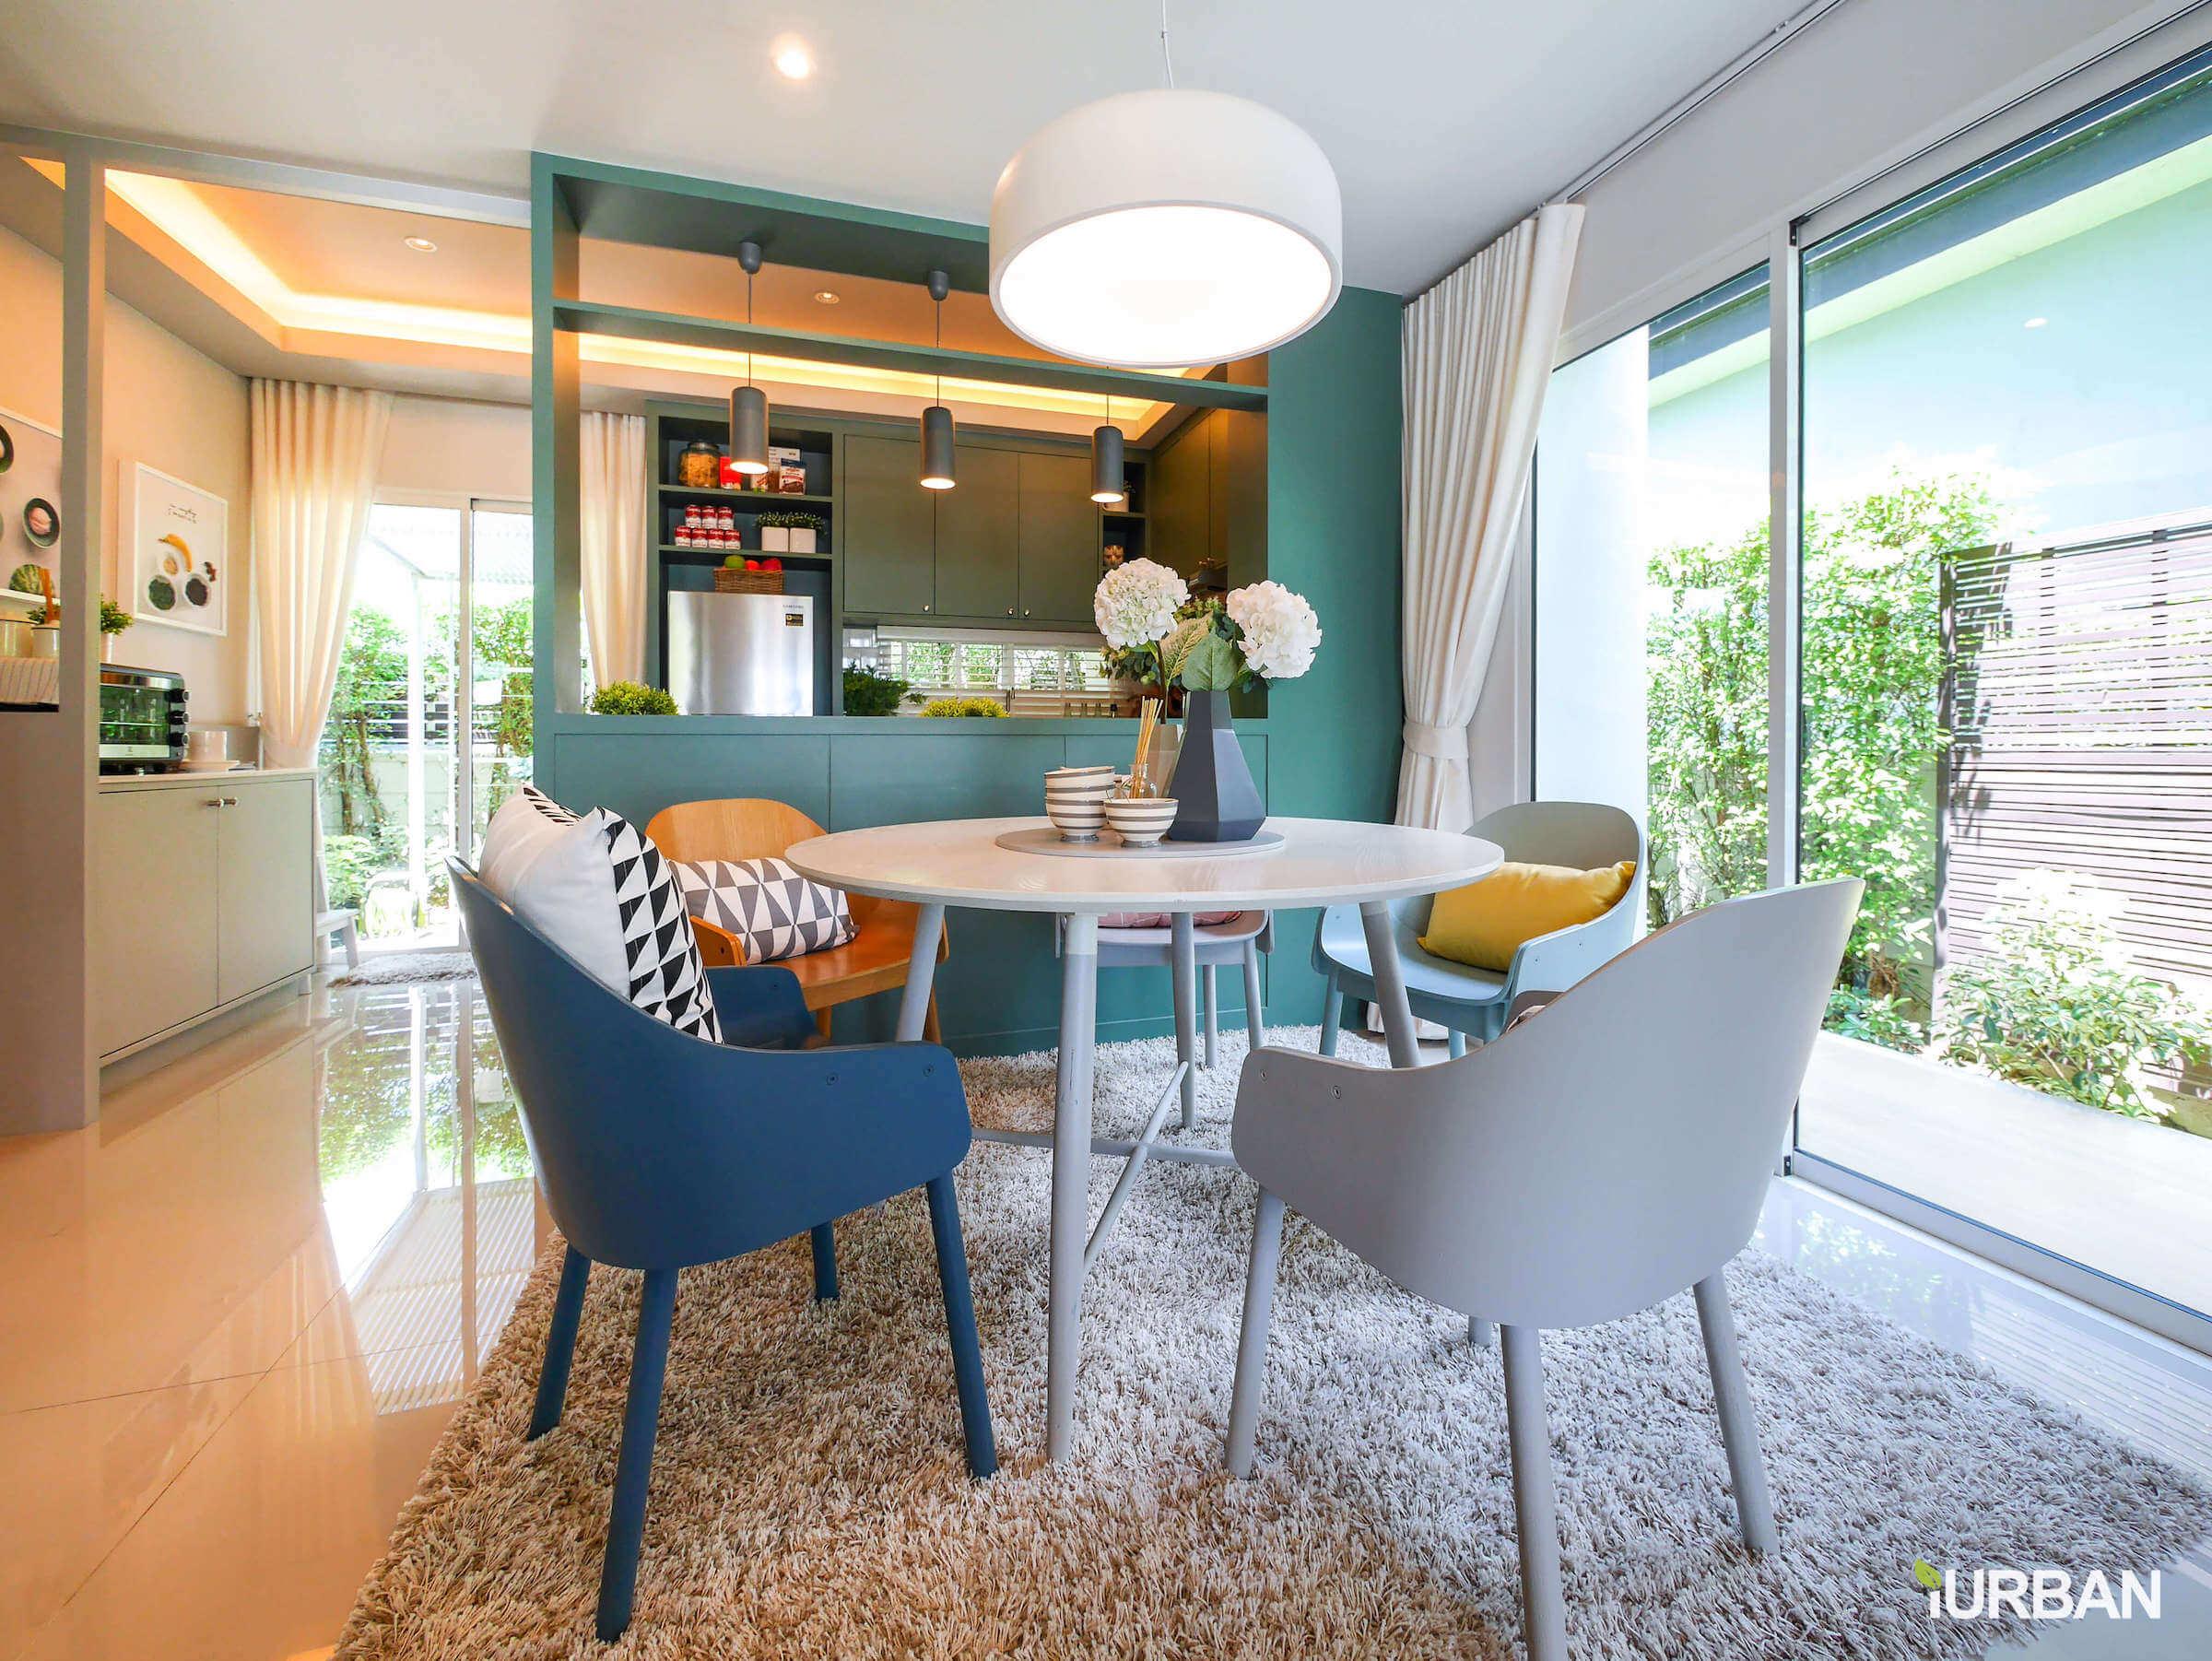 """รีวิว The Colours ทาวน์โฮม by Areeya บนทำเลที่กำลังเติบโต """"ข้างเมกาบางนาและอิเกีย"""" 44 - Areeya Property (อารียา พรอพเพอร์ตี้)"""